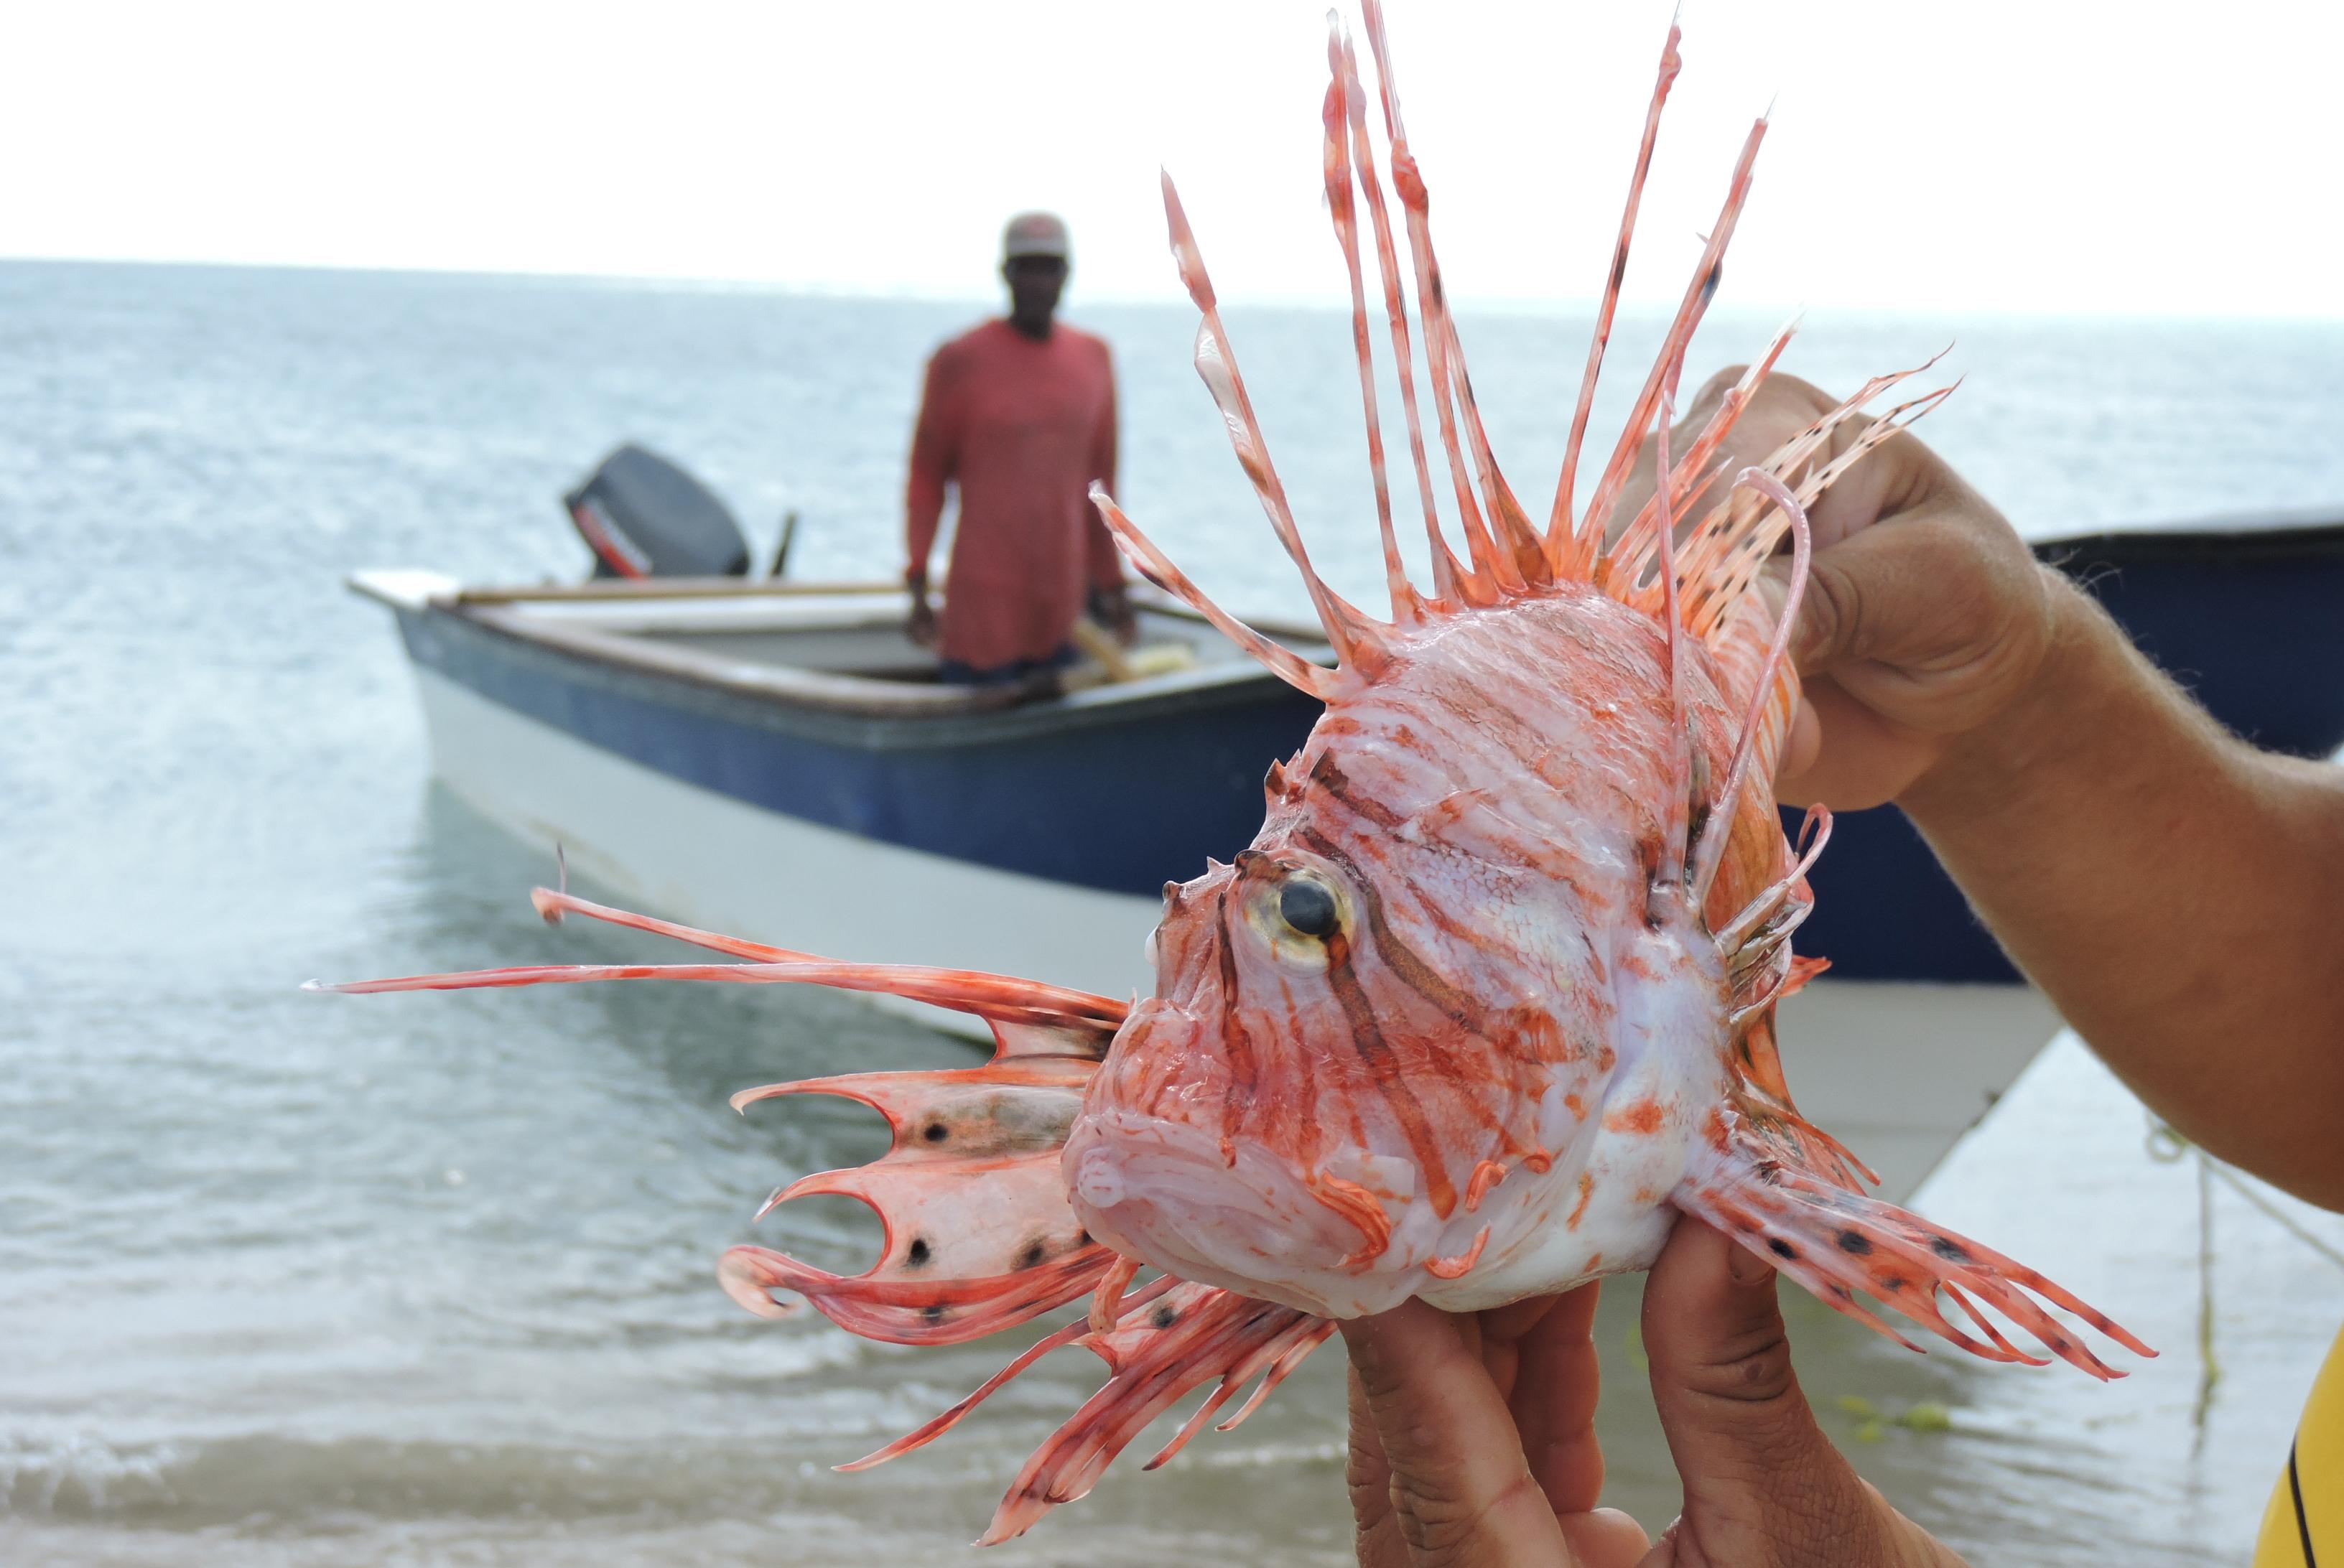 Un pescador enseña un pez león capturado en el Cabo de la Vela, zona norte de La Guajira.